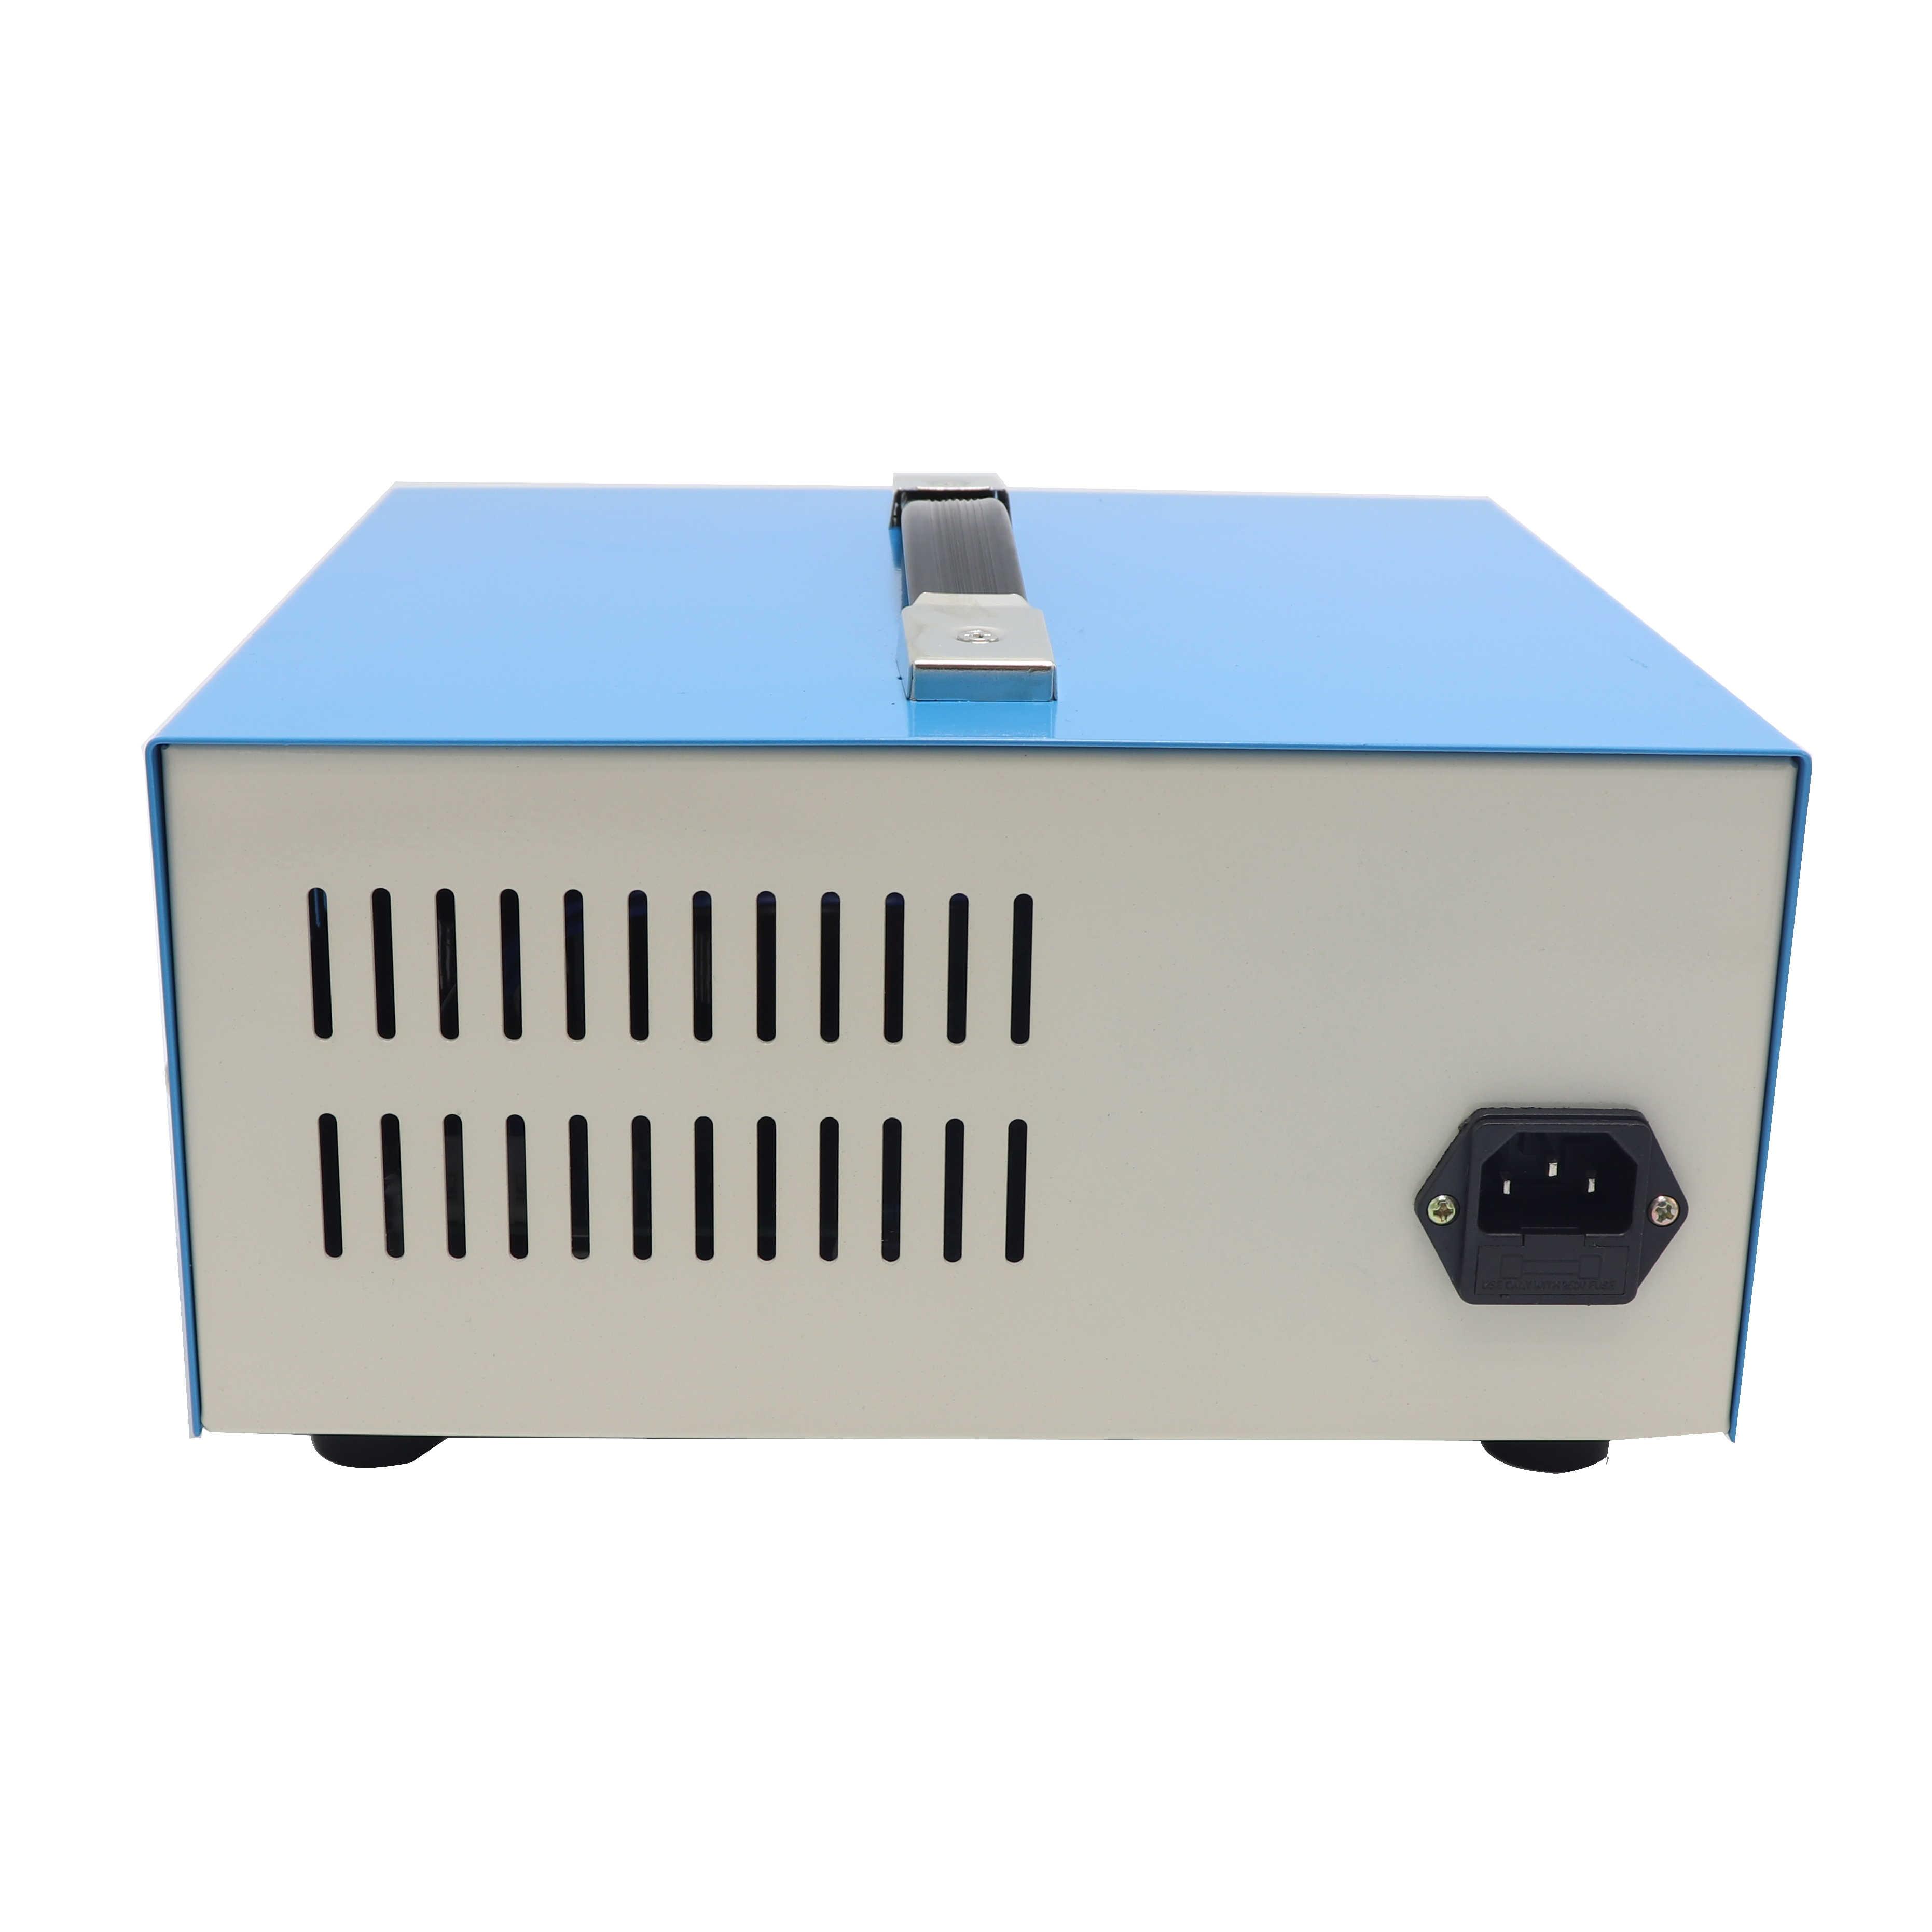 Cao Cấp 100A Trang Sức Điểm Máy Hàn Cầm Tay Nhỏ Laser Máy Hàn Inox